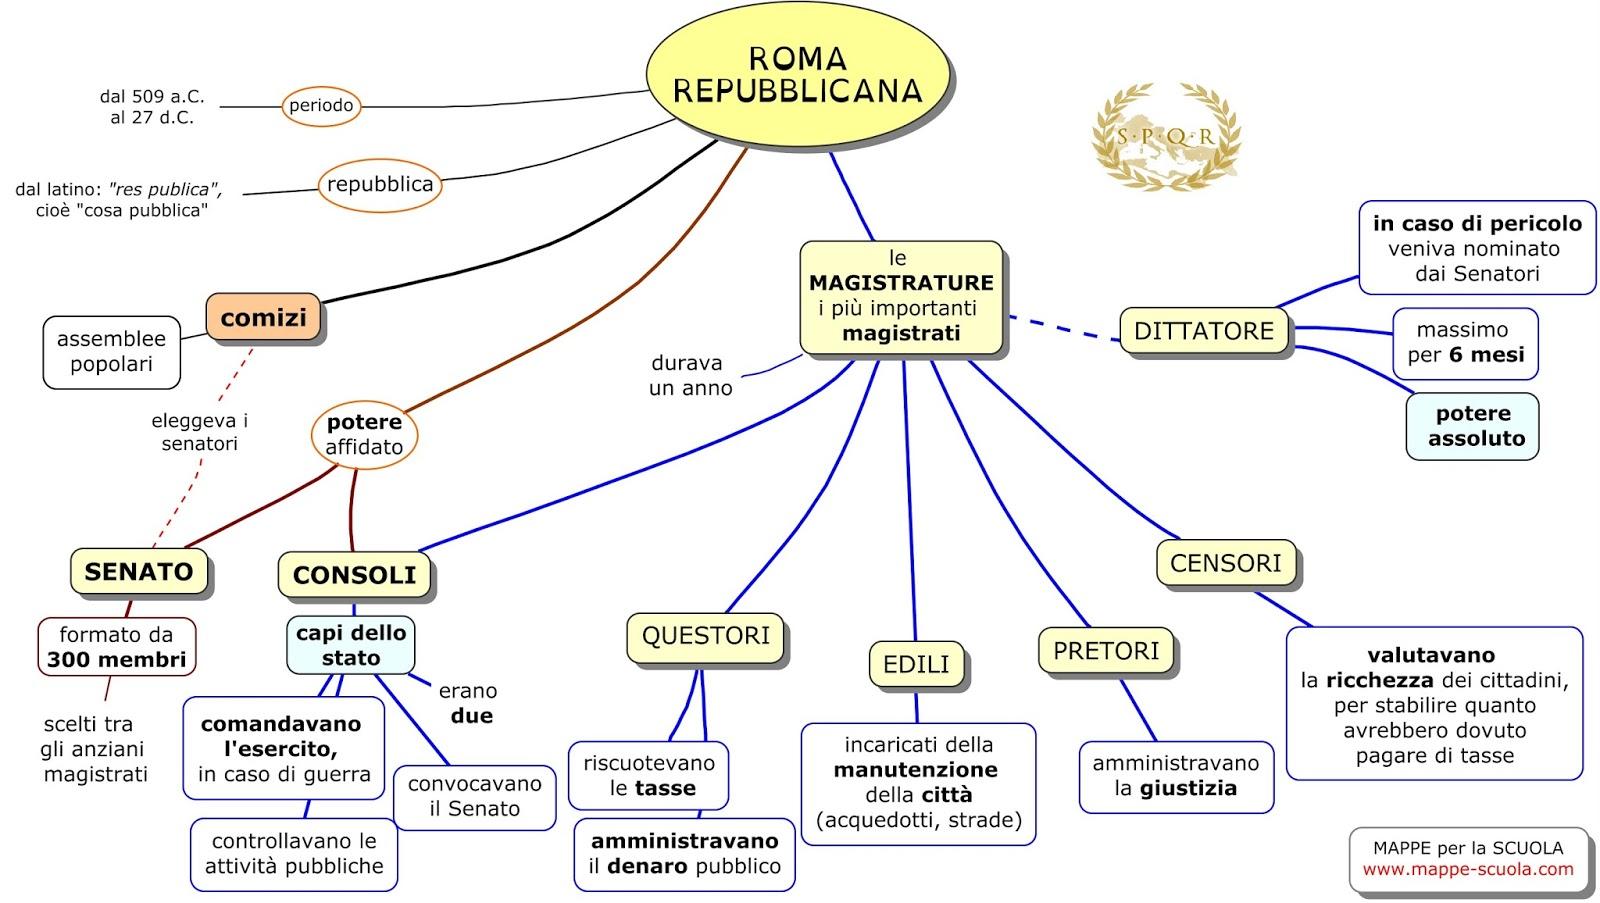 1 Roma repubblicana